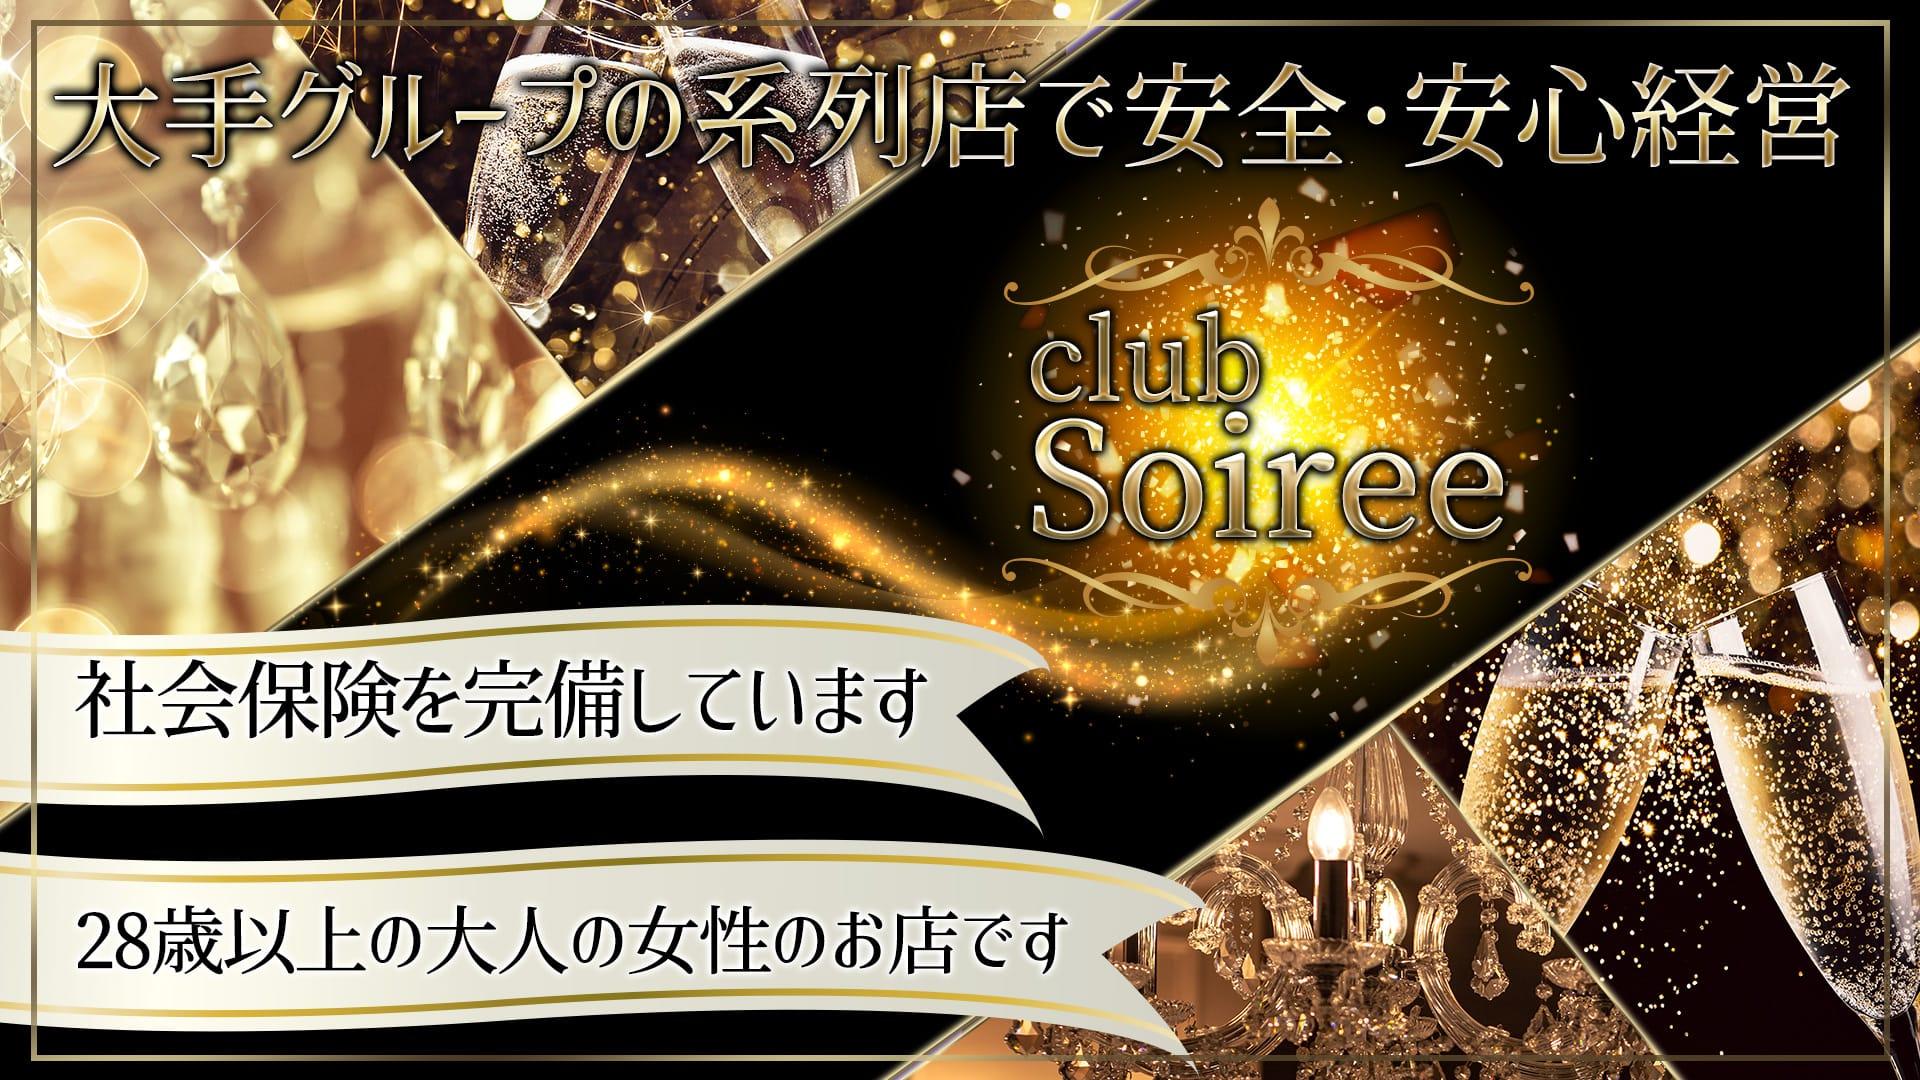 club Soiree(ソワレ) 五井姉キャバ・半熟キャバ TOP画像